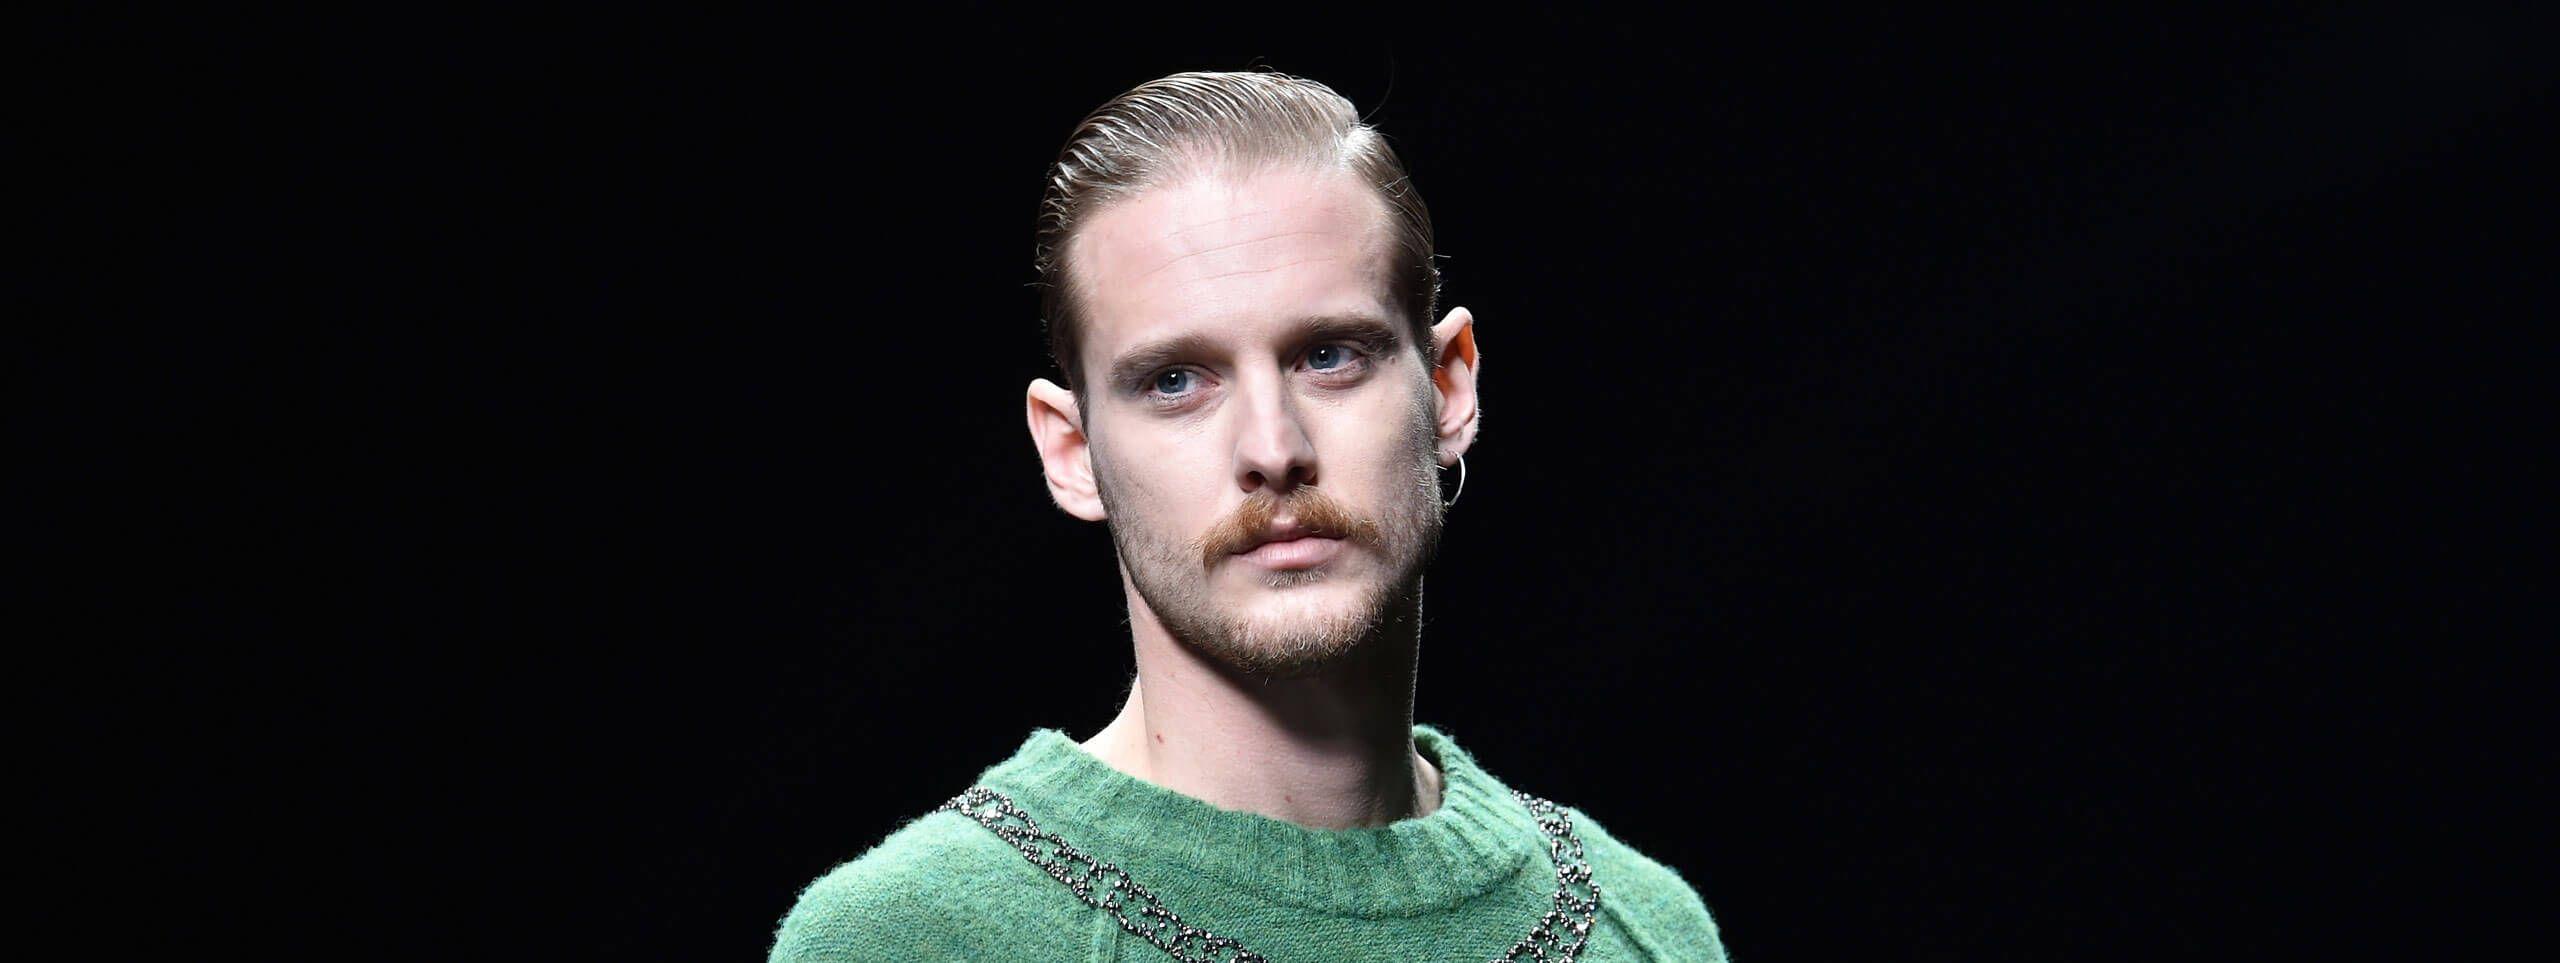 Model z wąsami i włosami zaczesanymi na żel